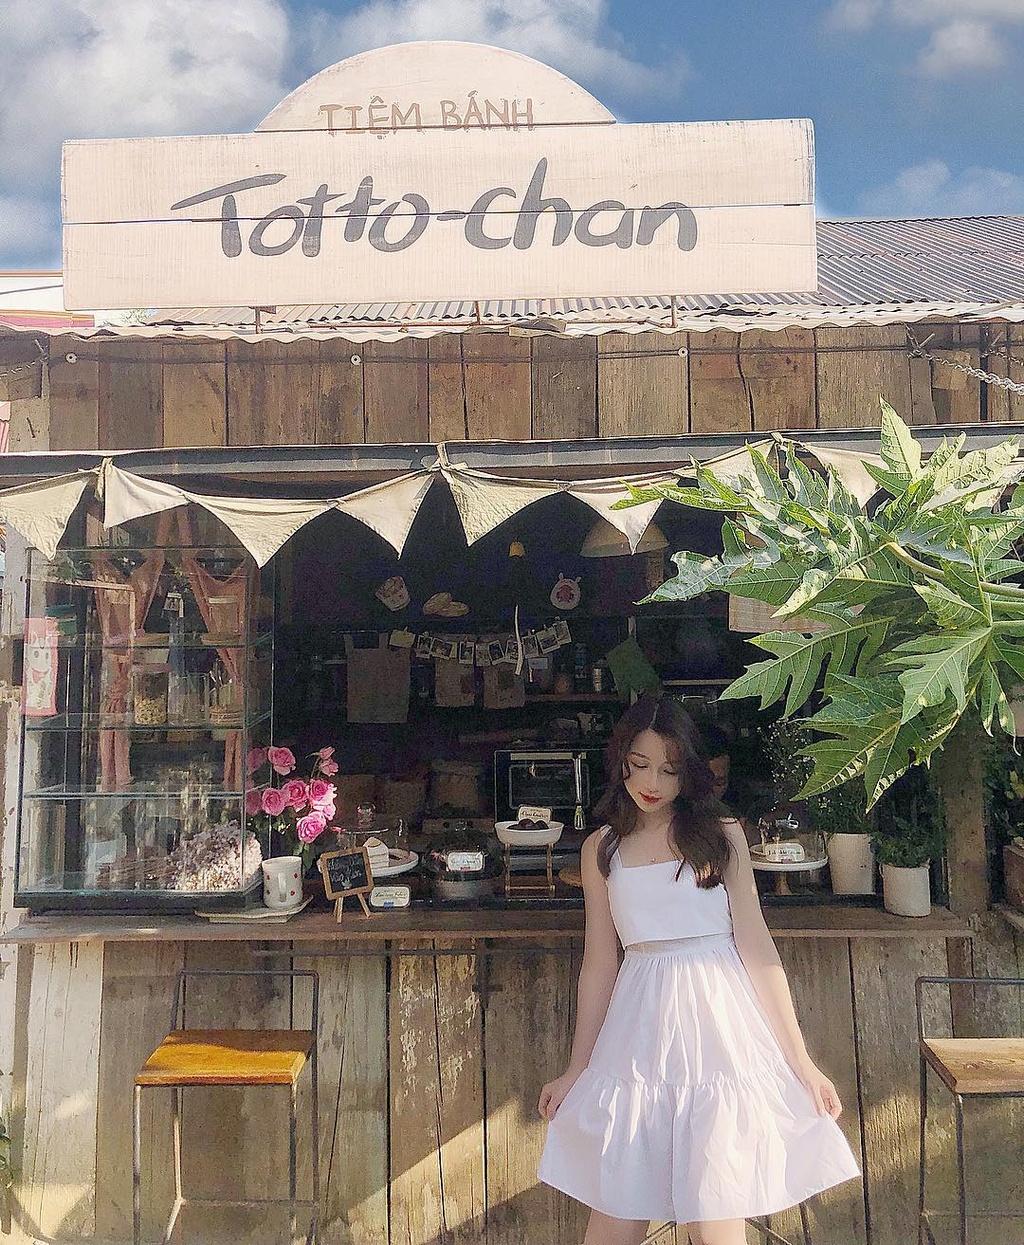 Ngắm lại hình check-in như phim tại tiệm bánh Totto-chan